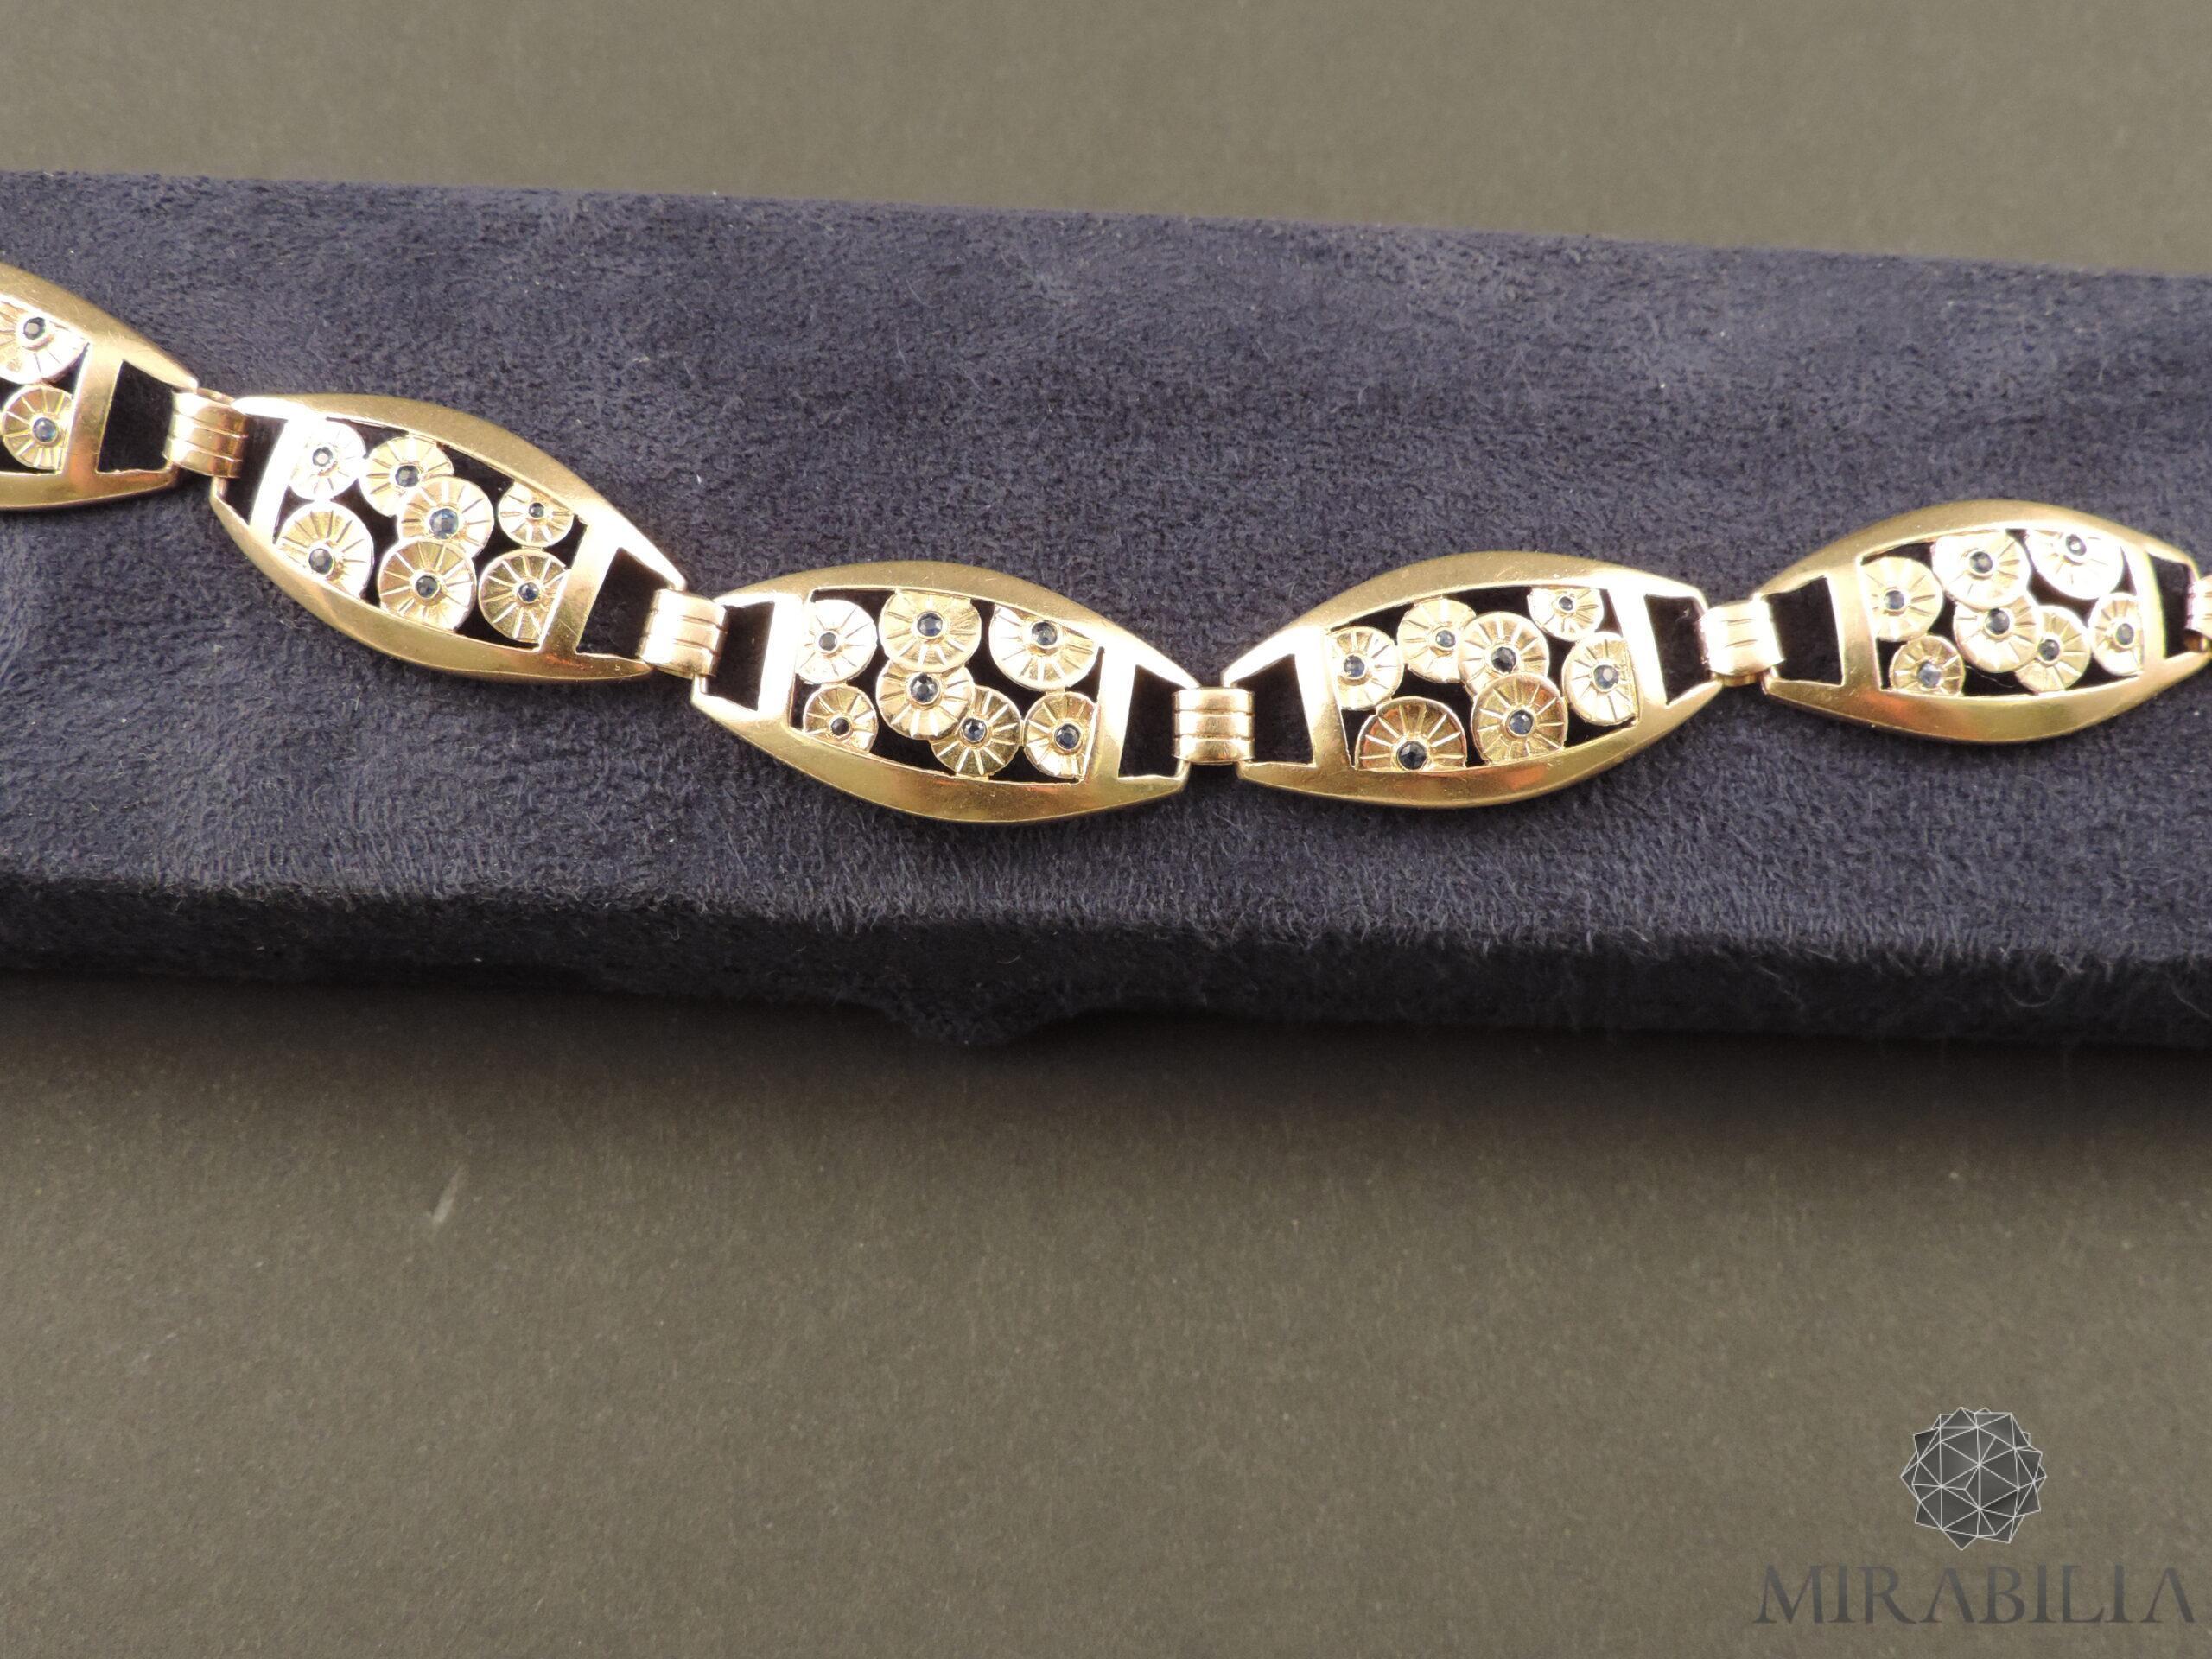 Bracciale Art Déco in oro, argento e zaffiri (dettaglio)